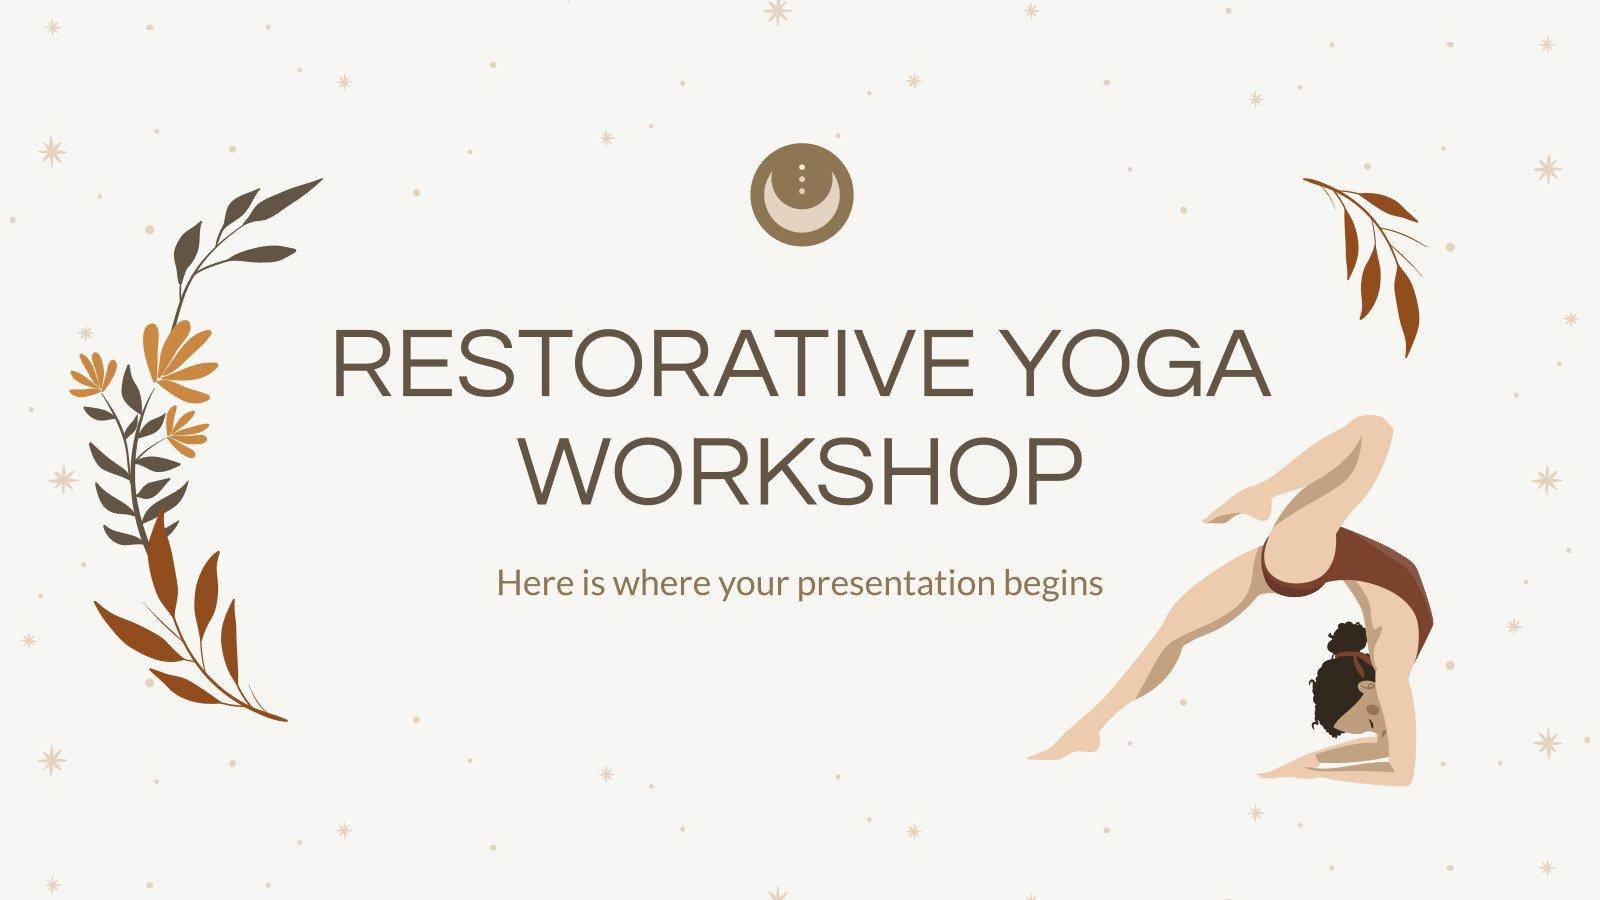 Cours de yoga restauratif : Modèles de présentation